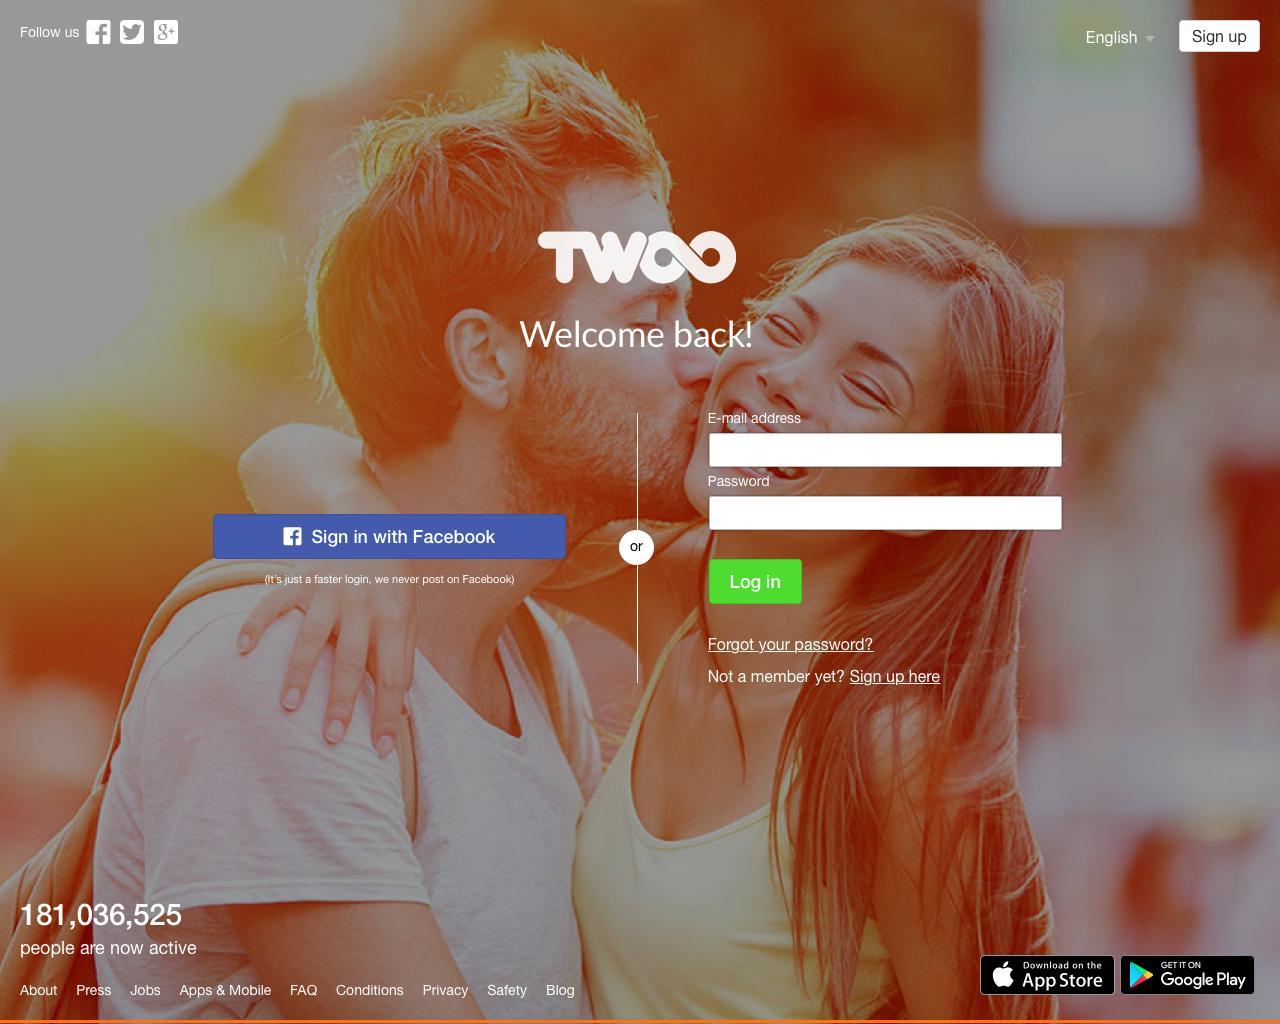 twoo dating site scandinavian dating website